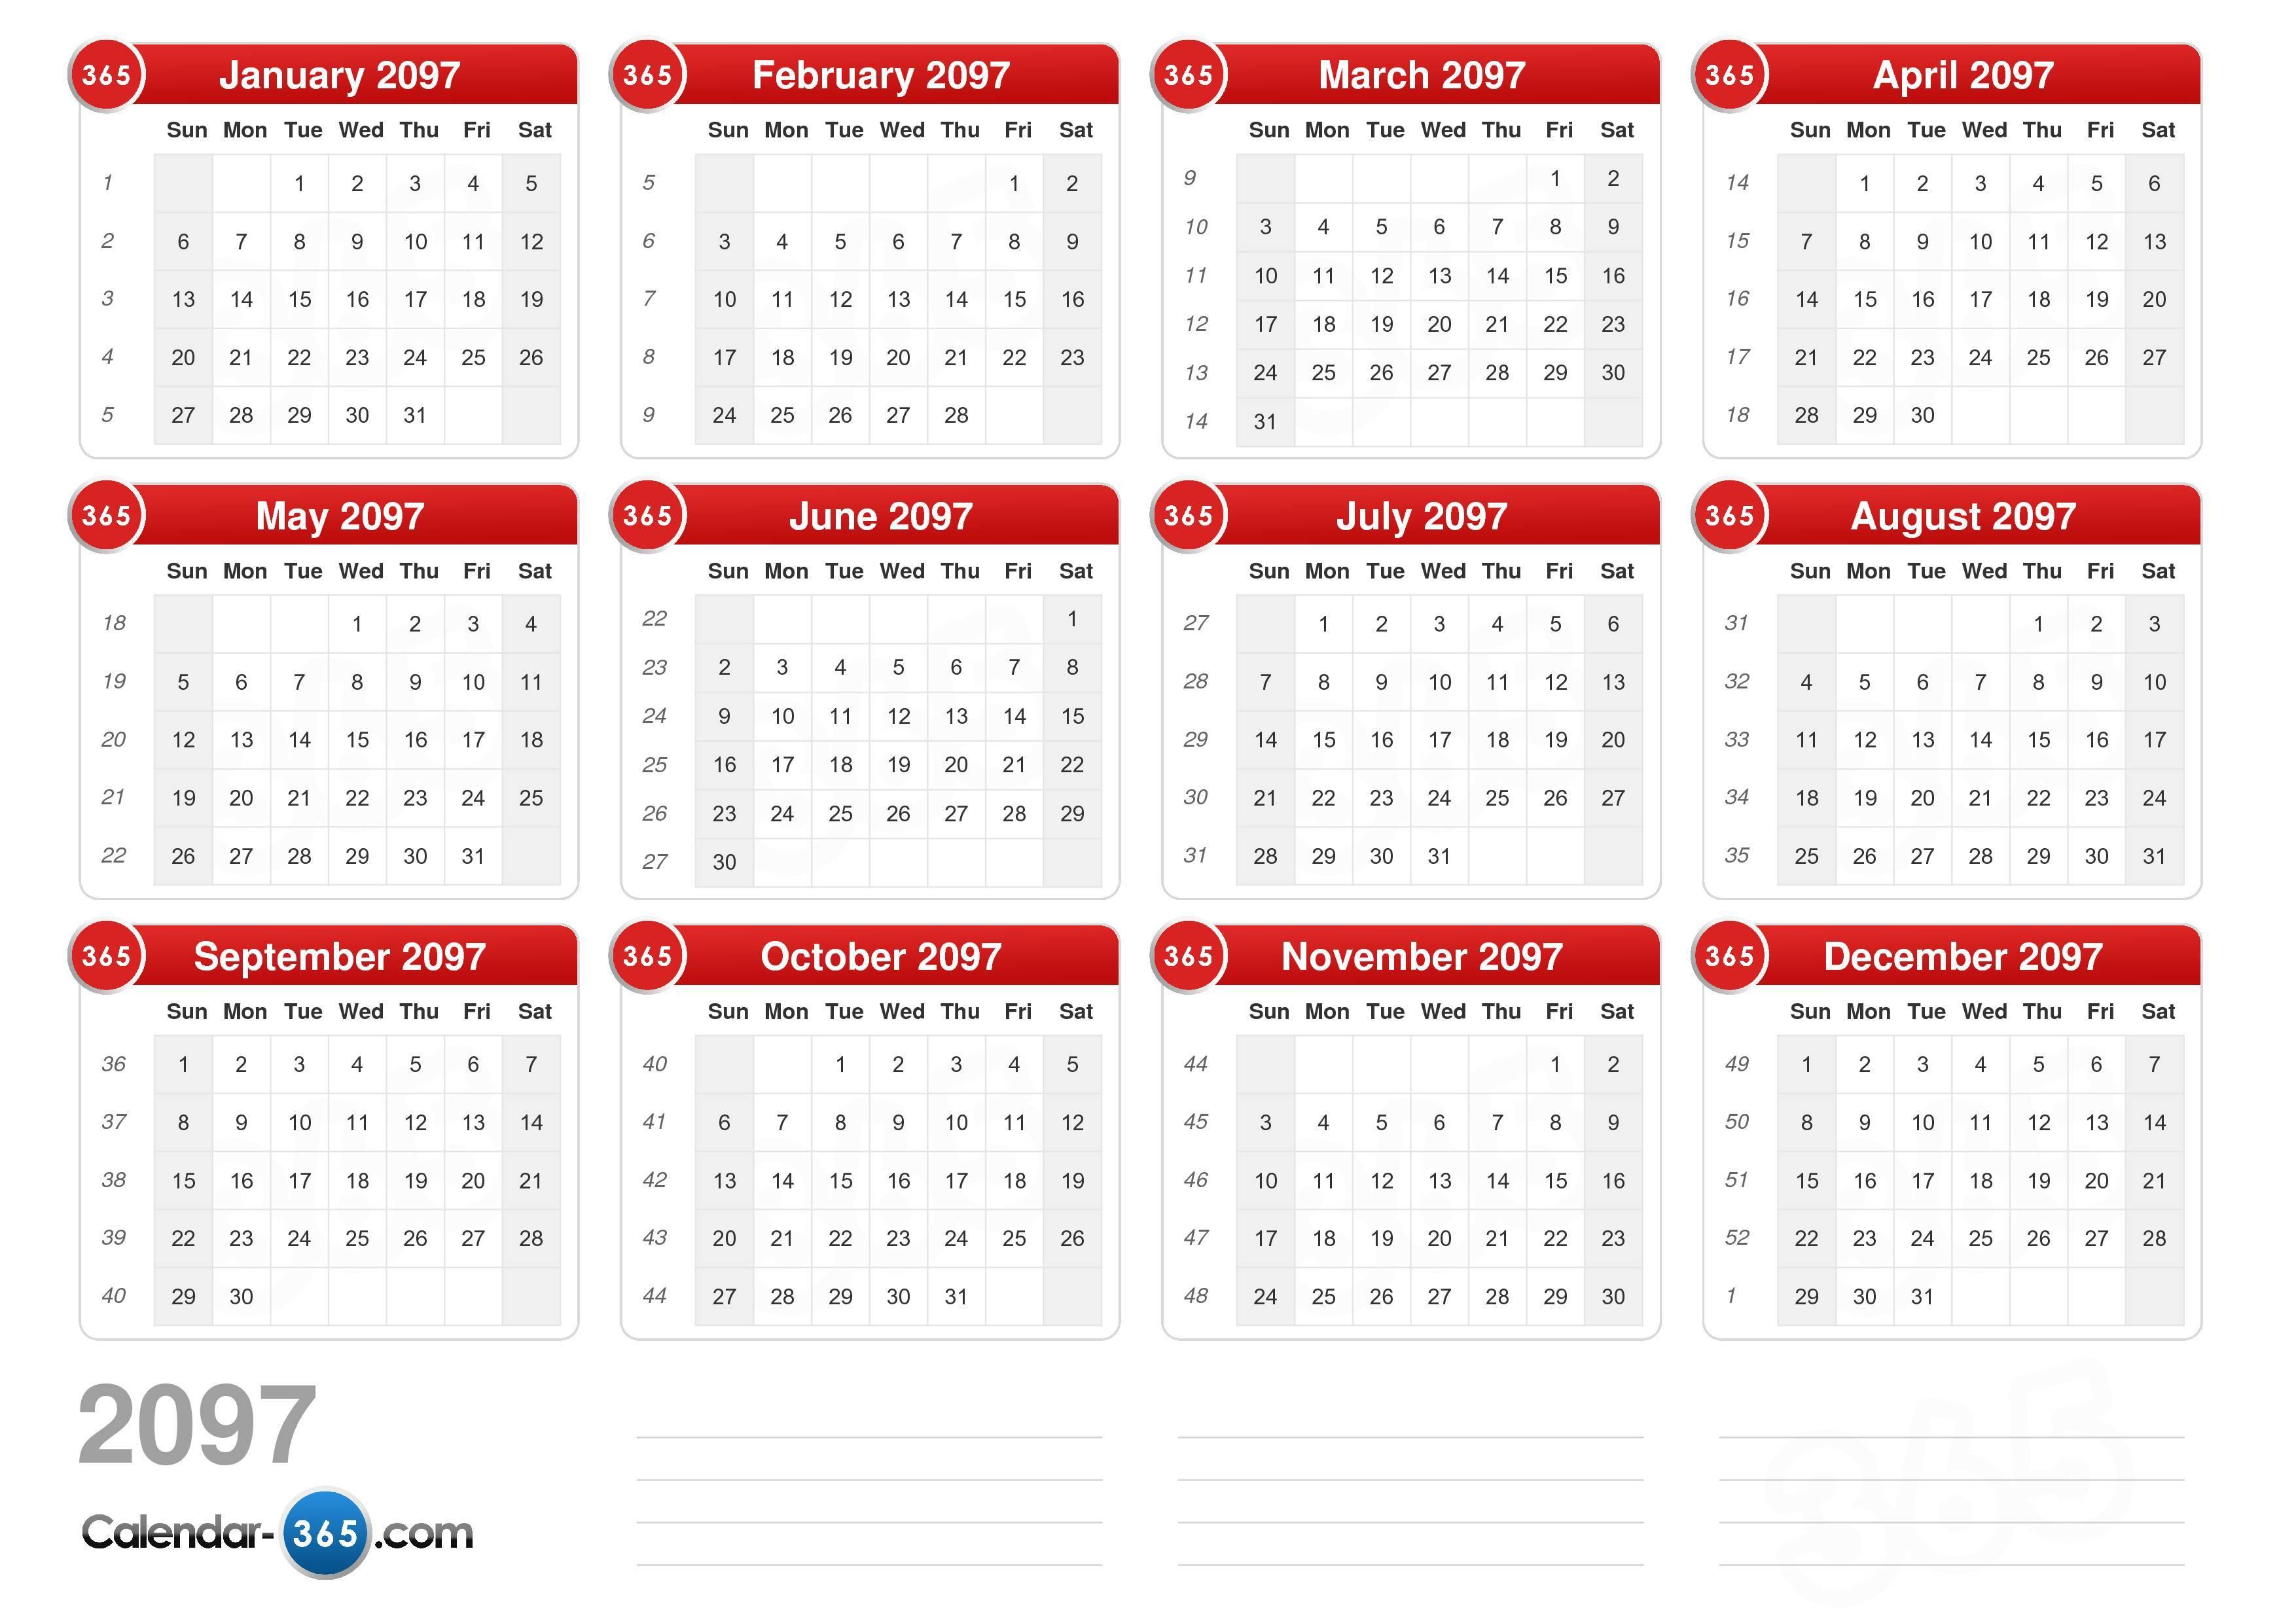 2097 Calendar (v2)